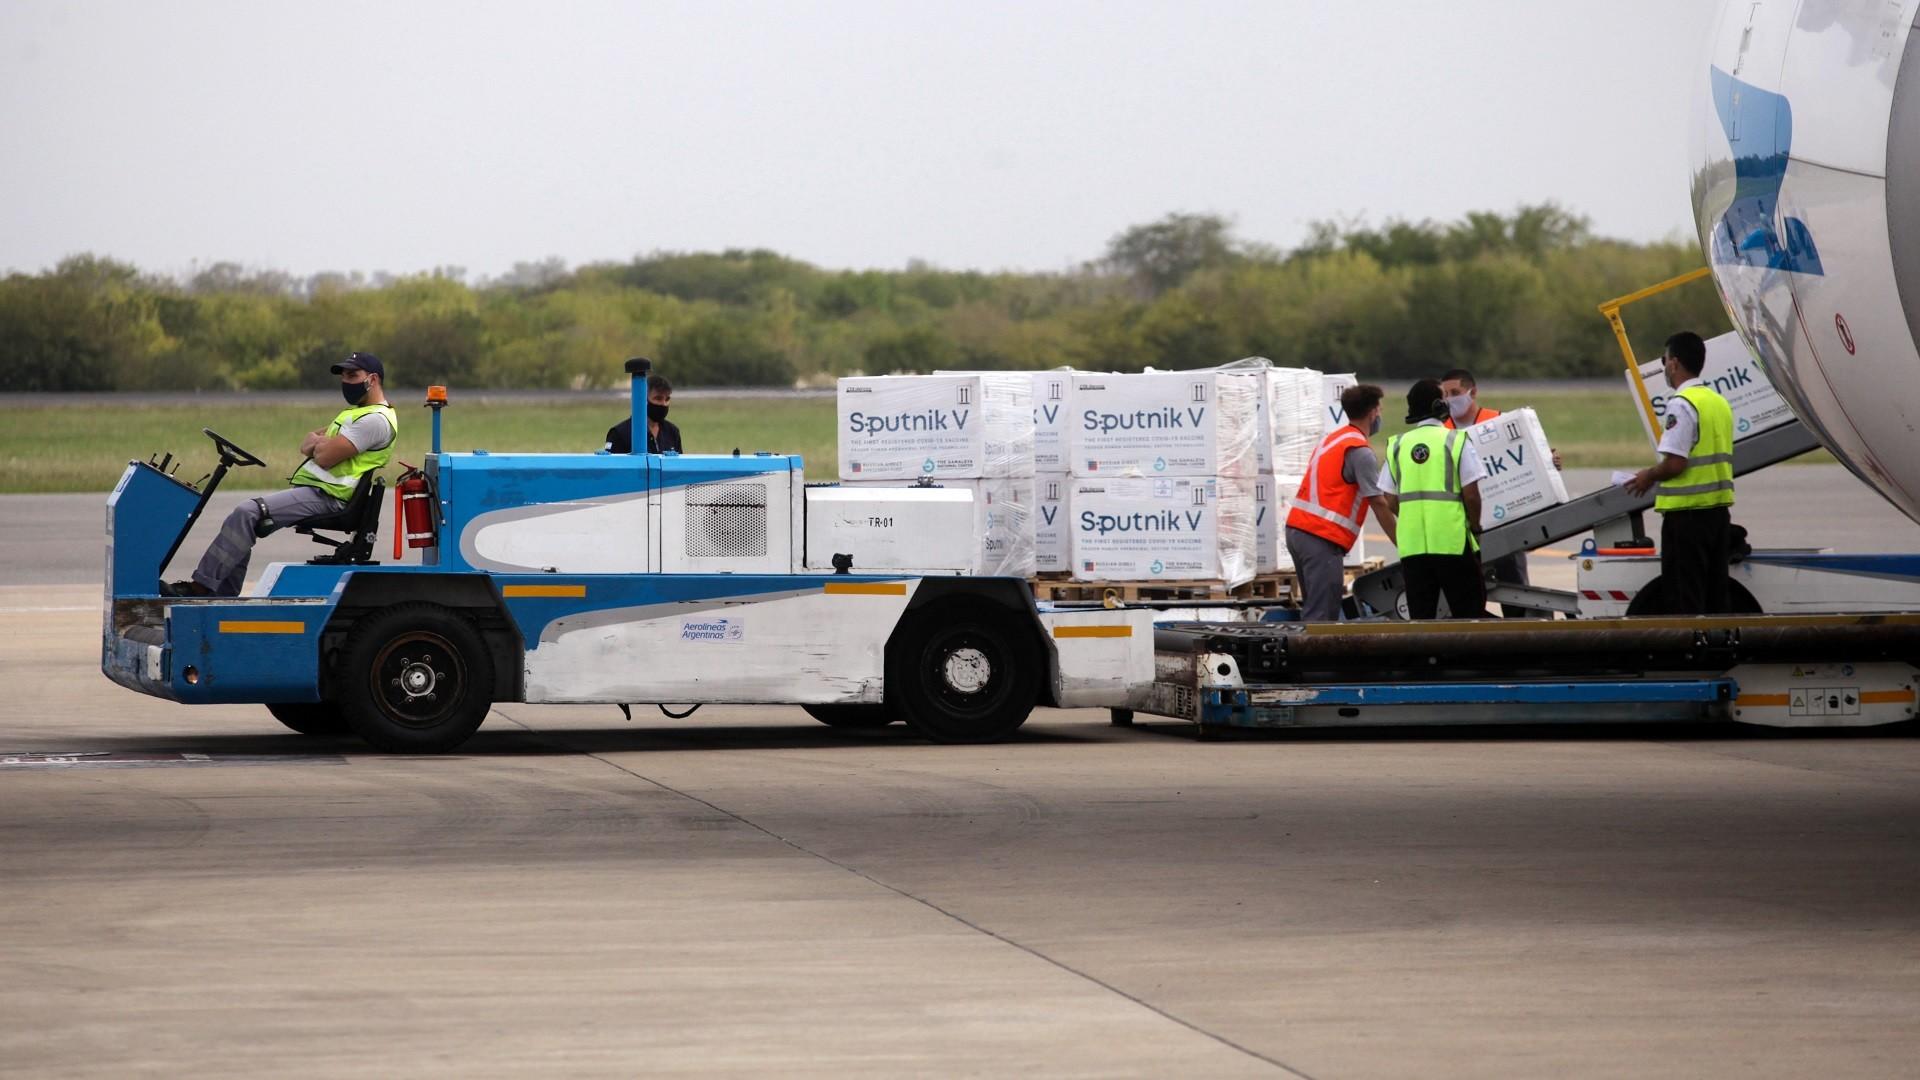 Livraison d'un lot de vaccins Spoutnik V à Buenos Aires, Argentine, le 22 mars 2021